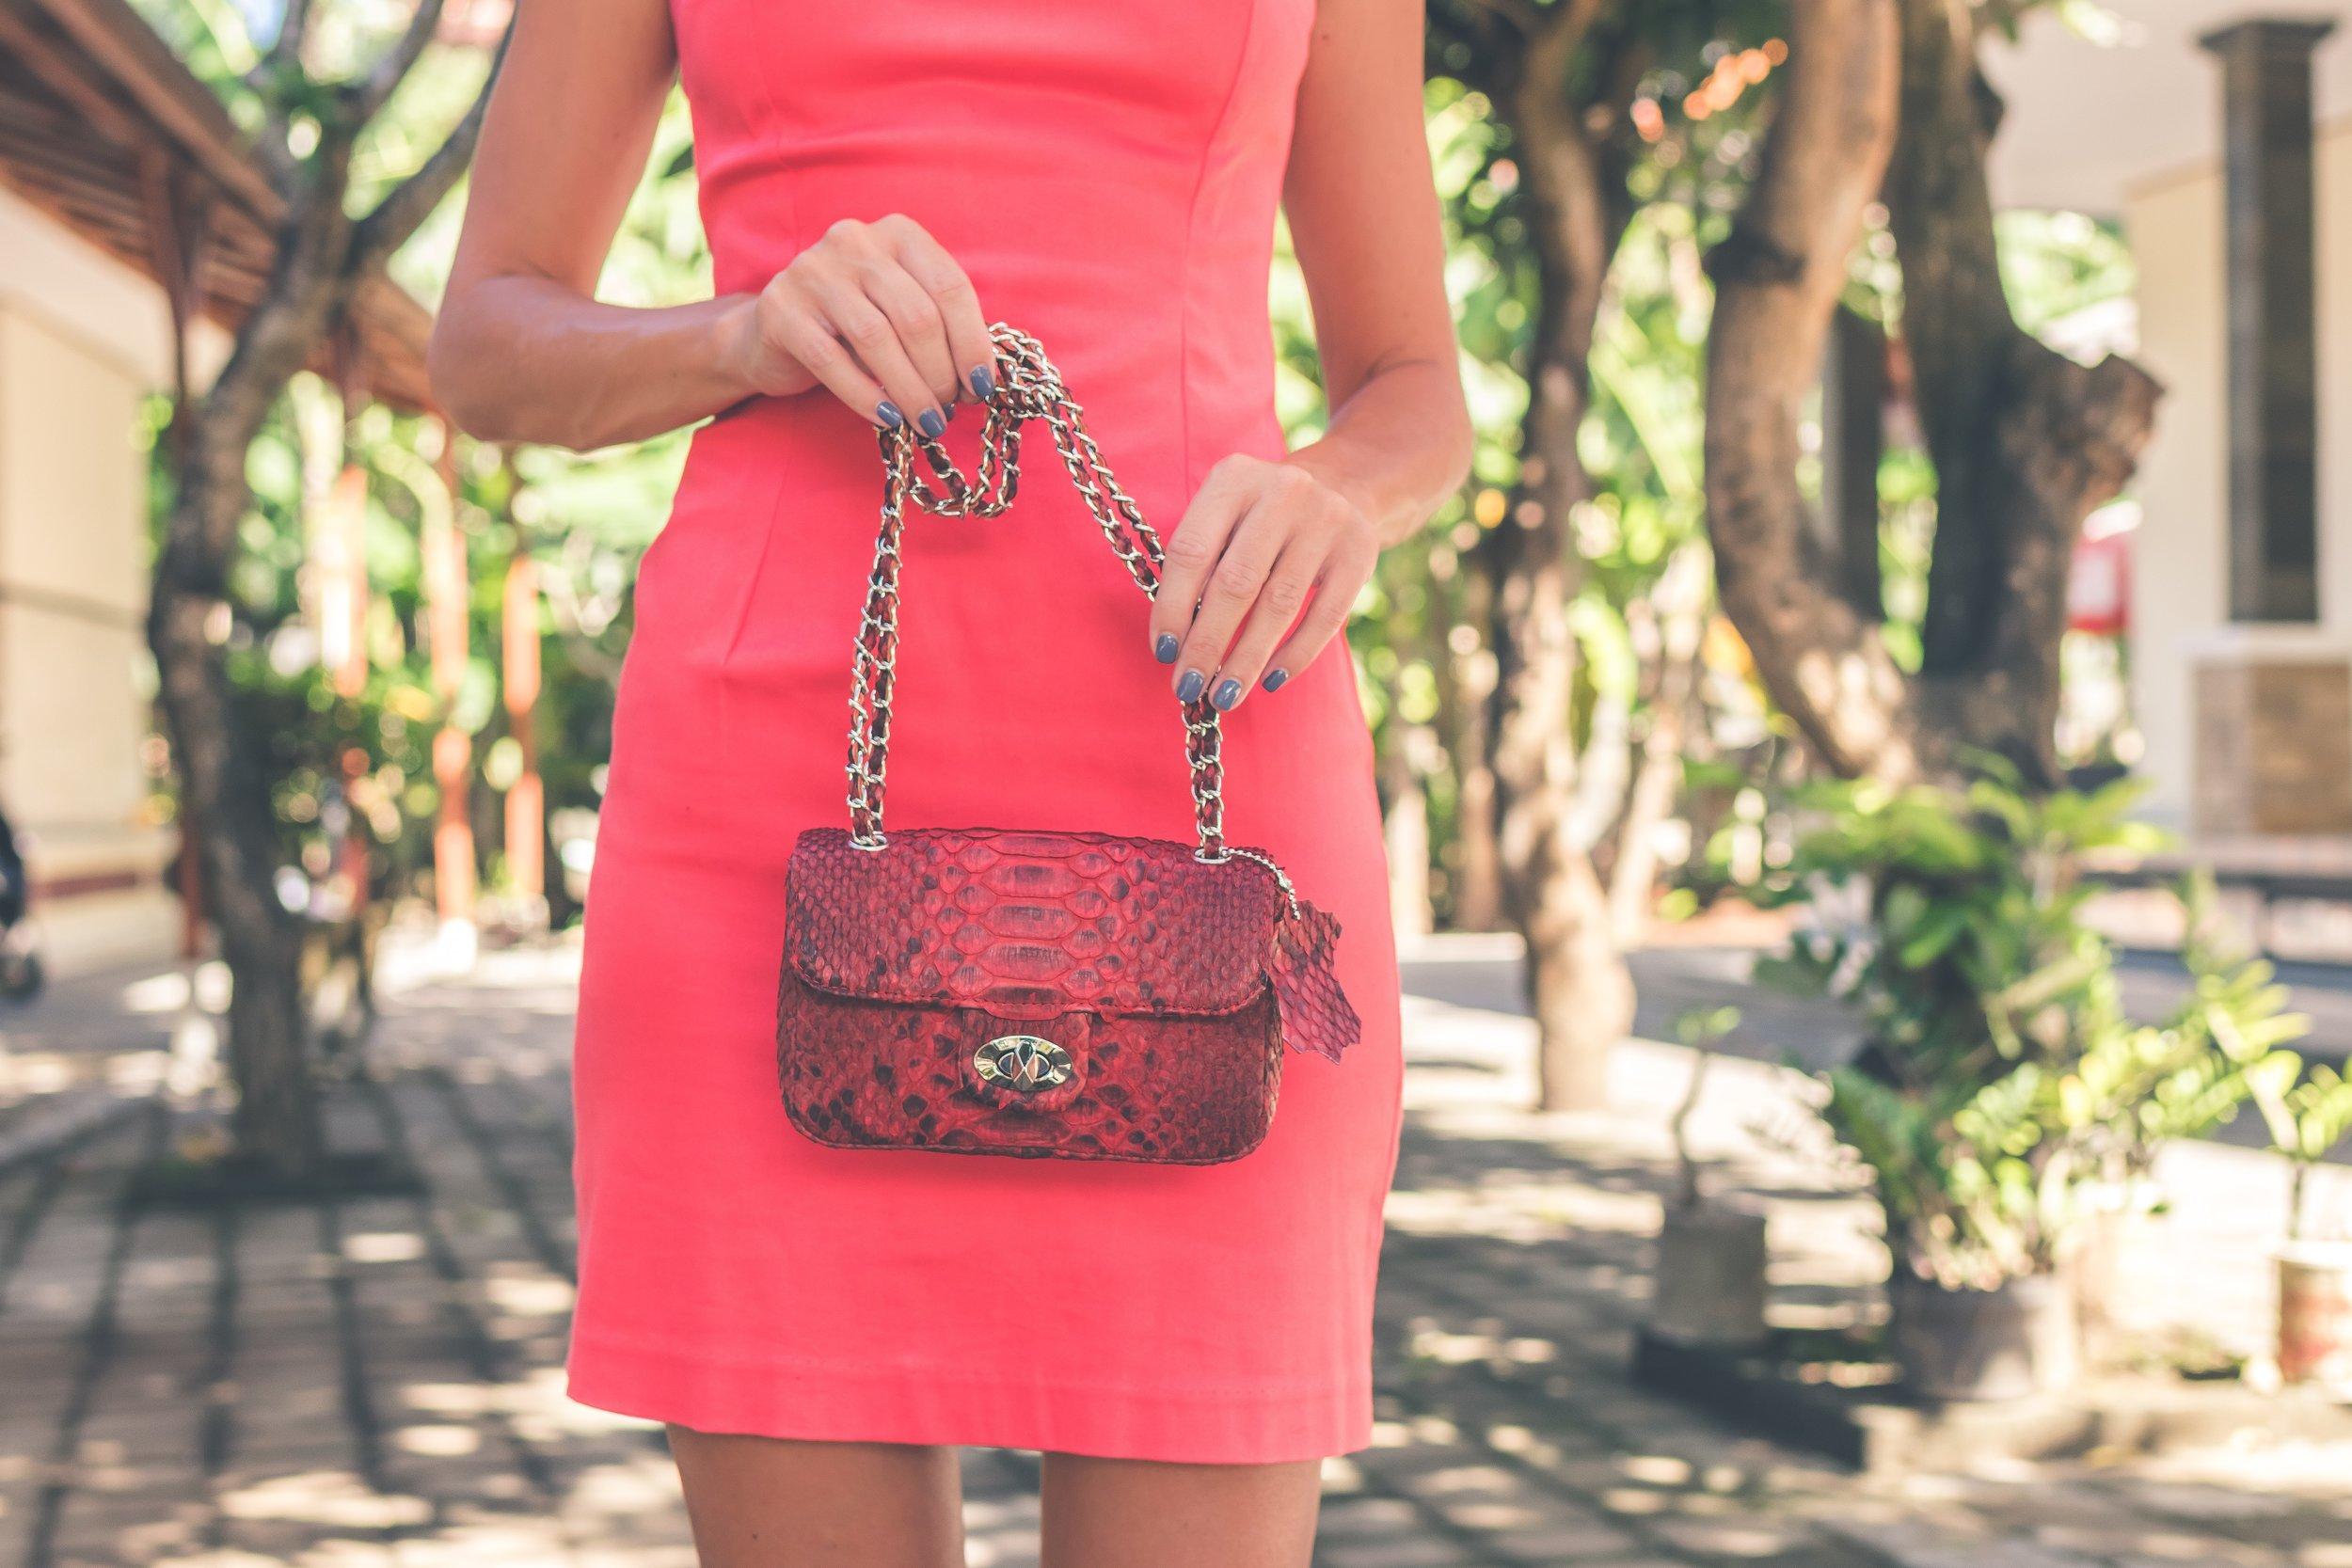 adult-bag-blur-1022383.jpg